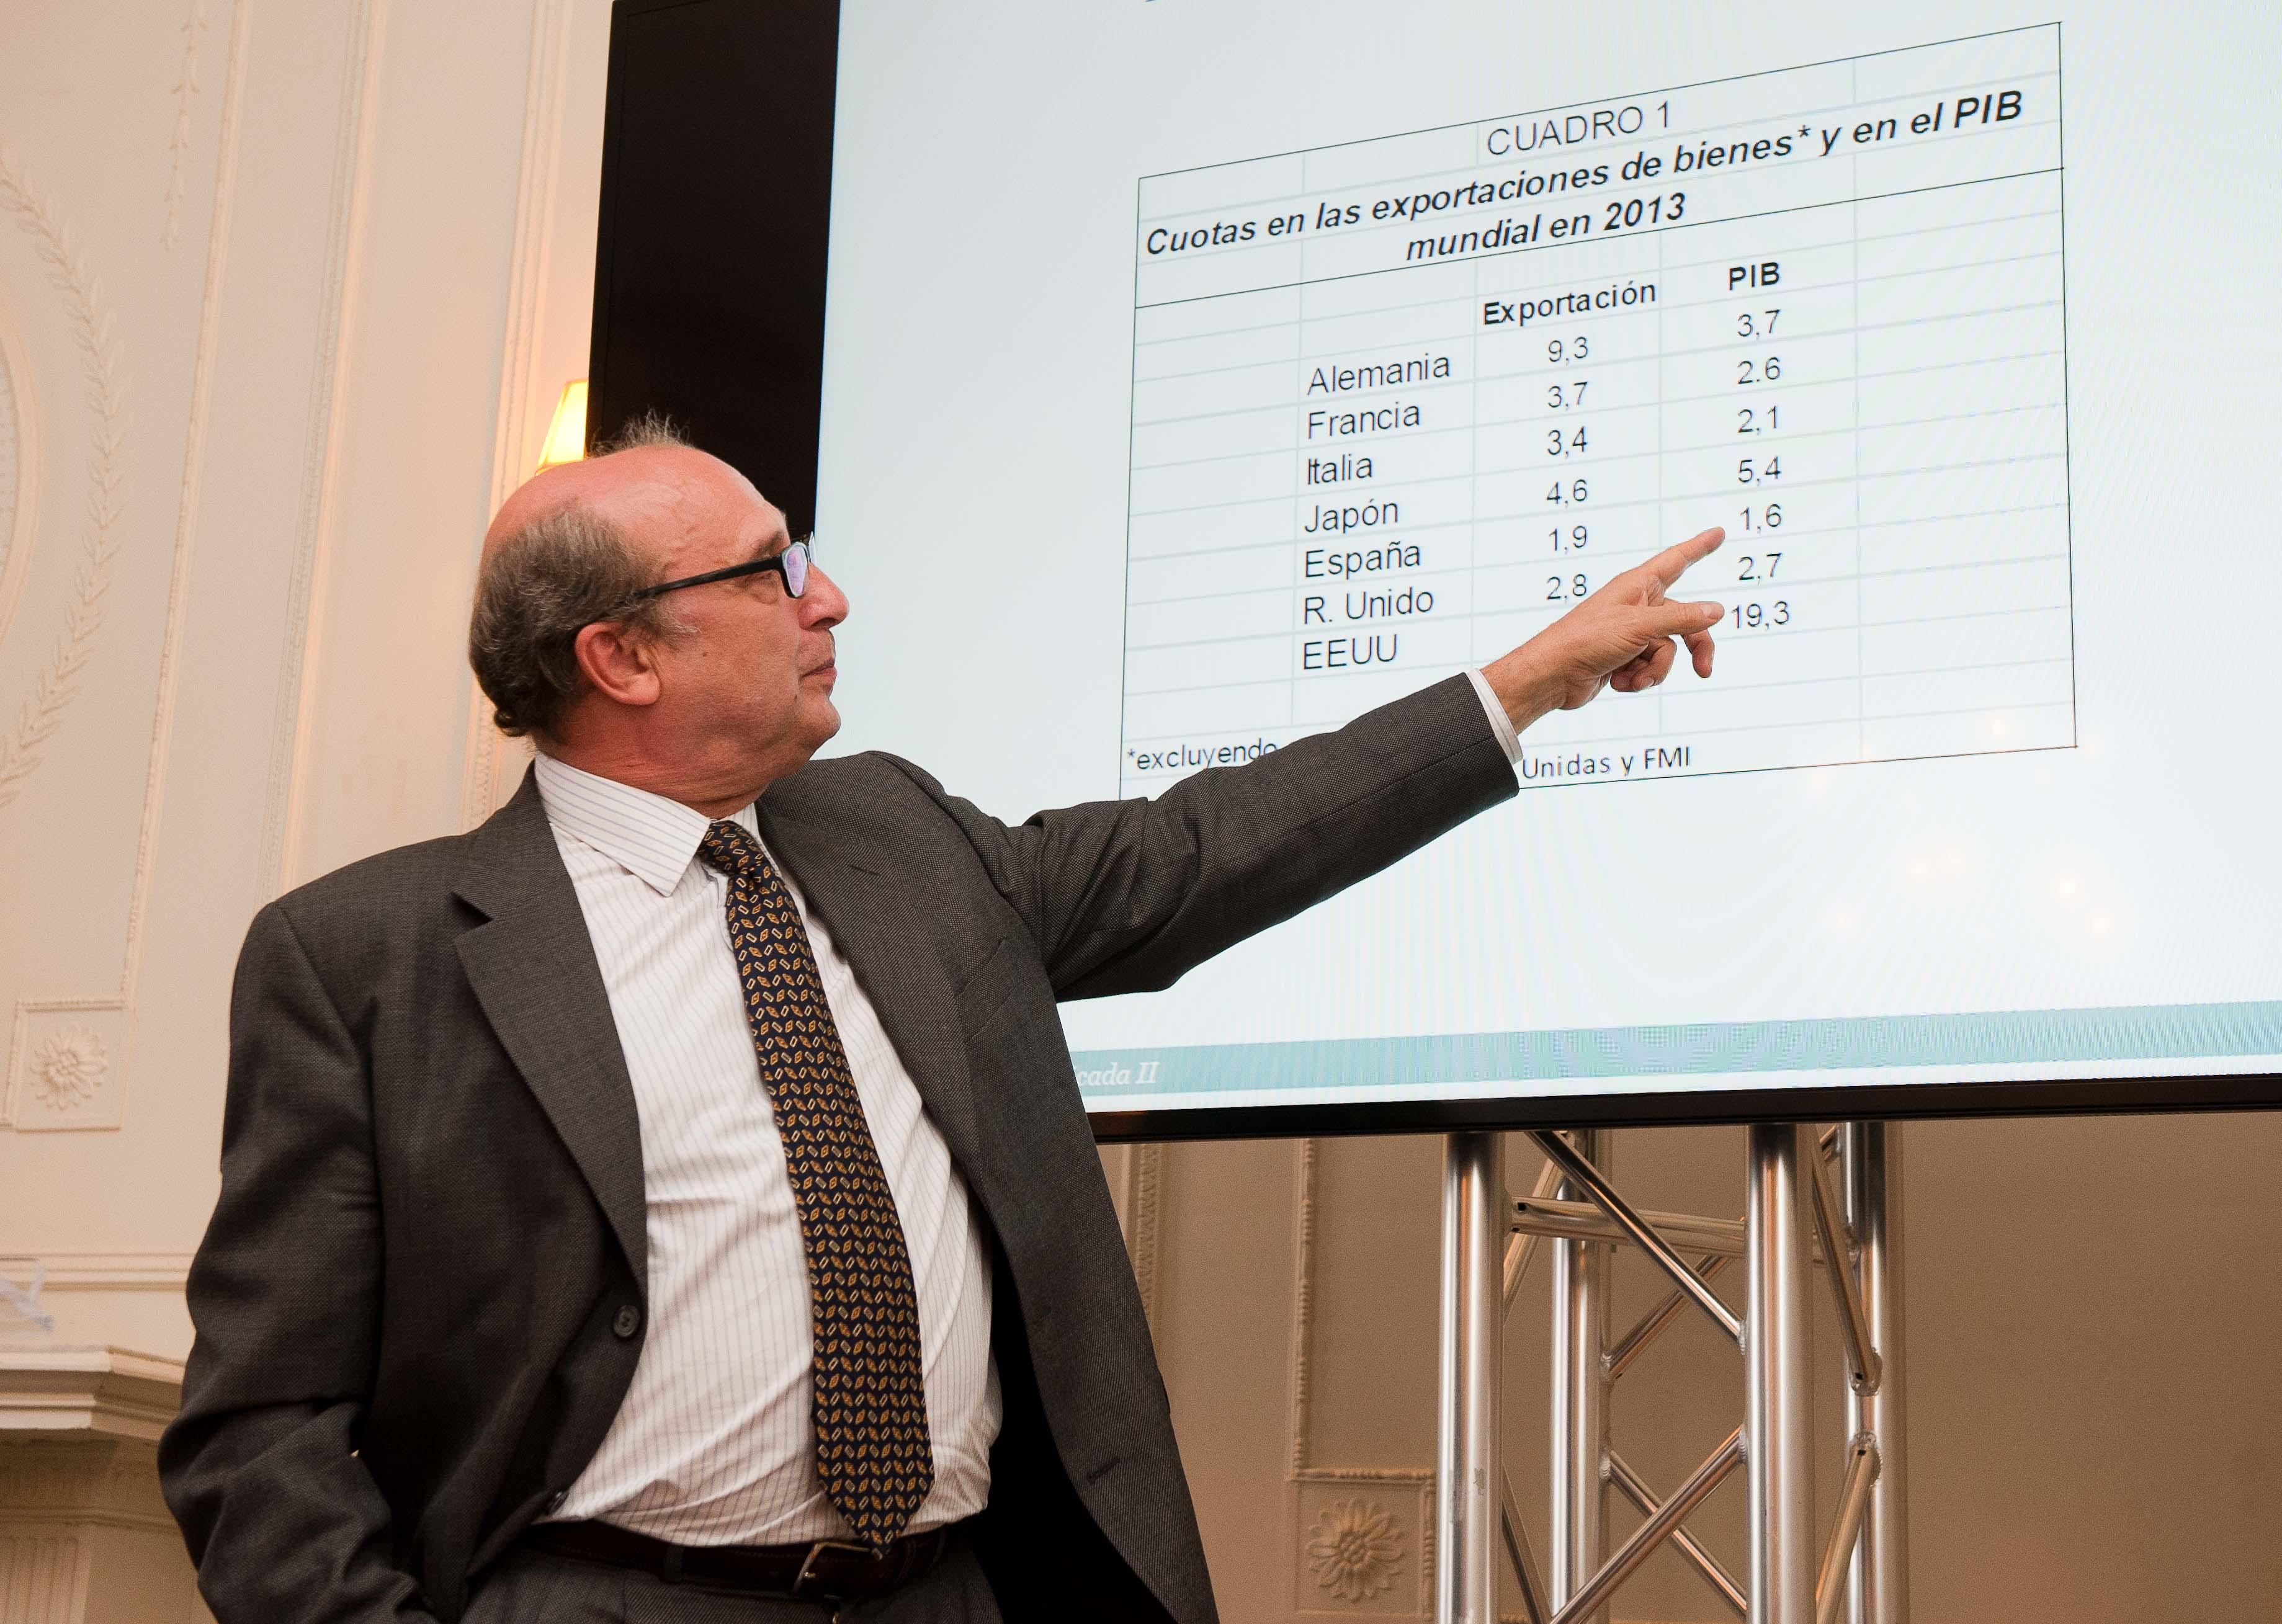 Rafael Myro, Catedrático de Economía Aplicada, durante su intervención en el curso de verano organizado por la APIE en la Universidad Menéndez Pelayo de Santander.